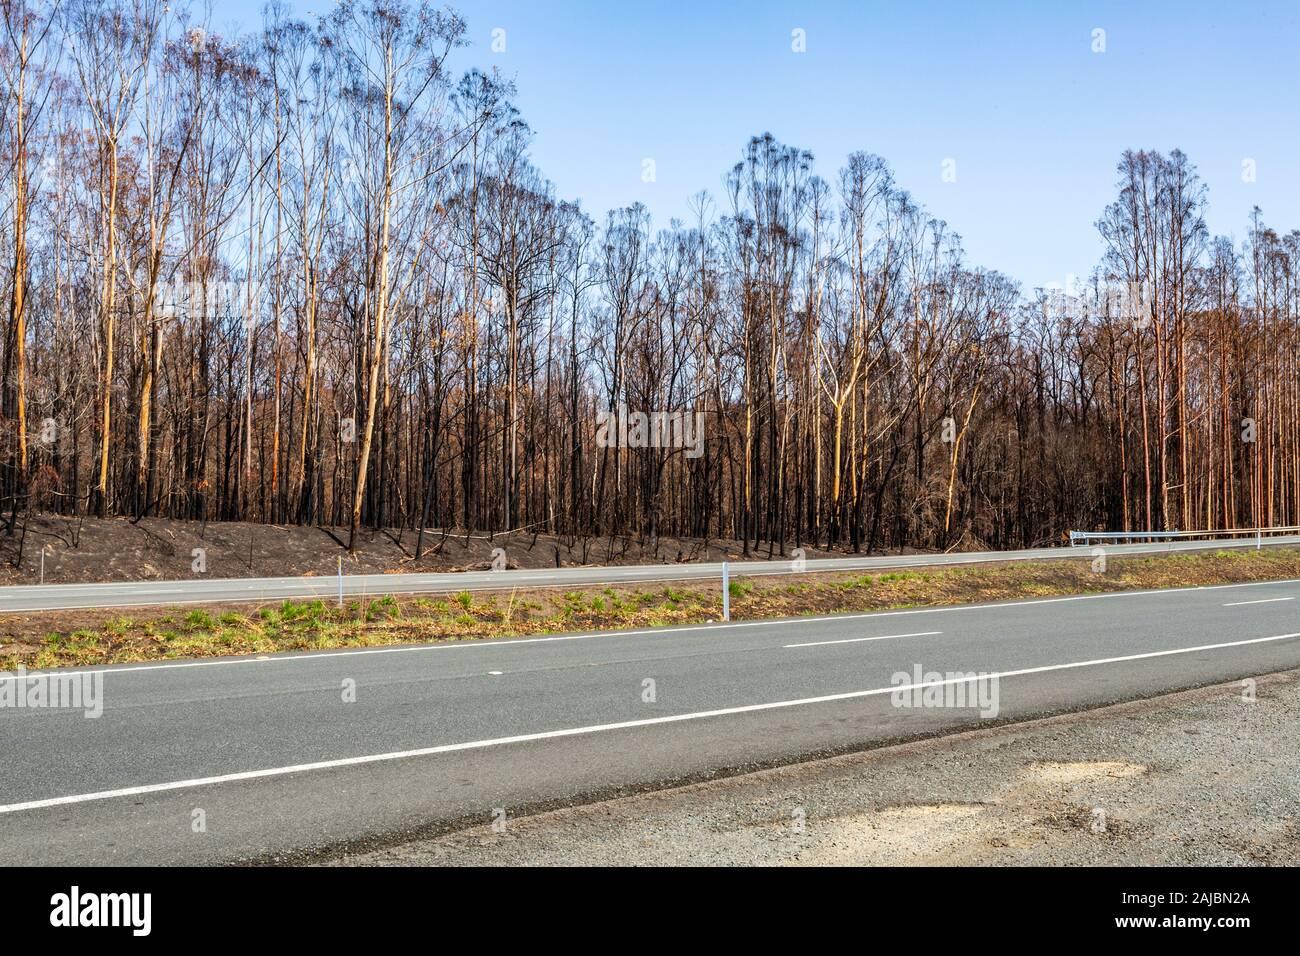 Miles de hectáreas quemadas a lo largo de Nueva Gales del Sur (NSW) durante la temporada 2019/20 a las quemas en Australia Foto de stock